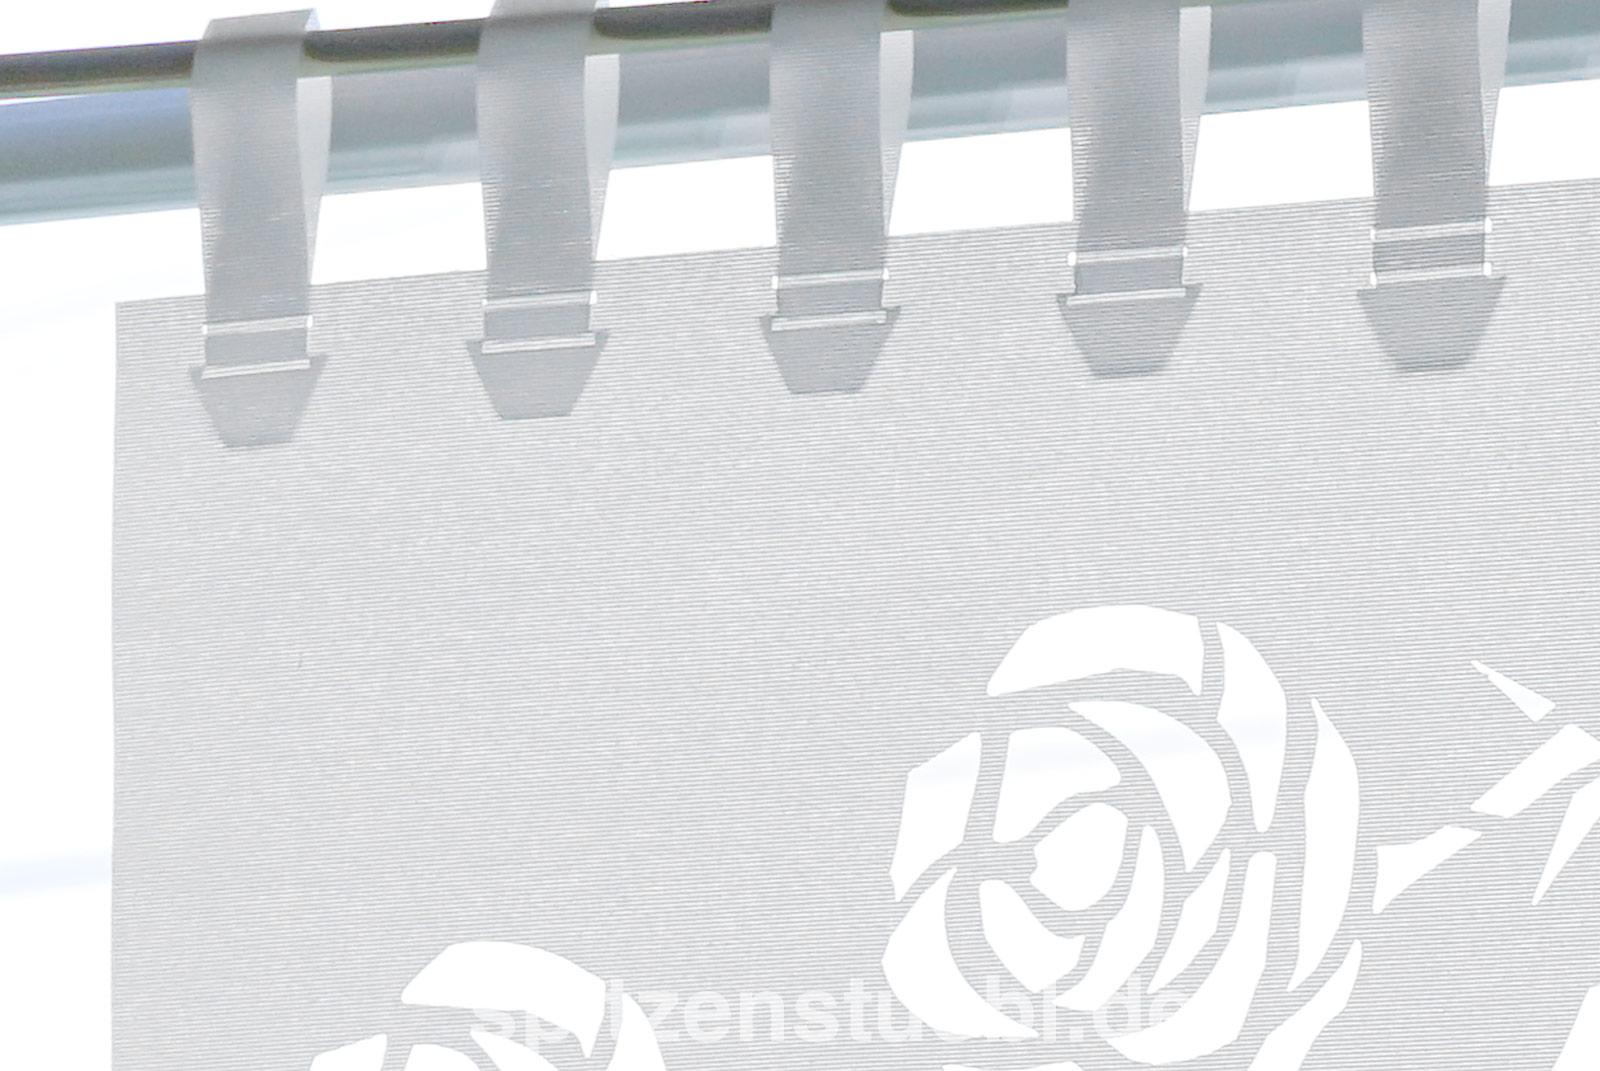 Full Size of Scheibengardine Modern Mit Lasercut Rosenmotiv Moderne Esstische Modernes Sofa Deckenlampen Wohnzimmer Tapete Küche Bilder Esstisch Holz Scheibengardinen Wohnzimmer Scheibengardine Modern